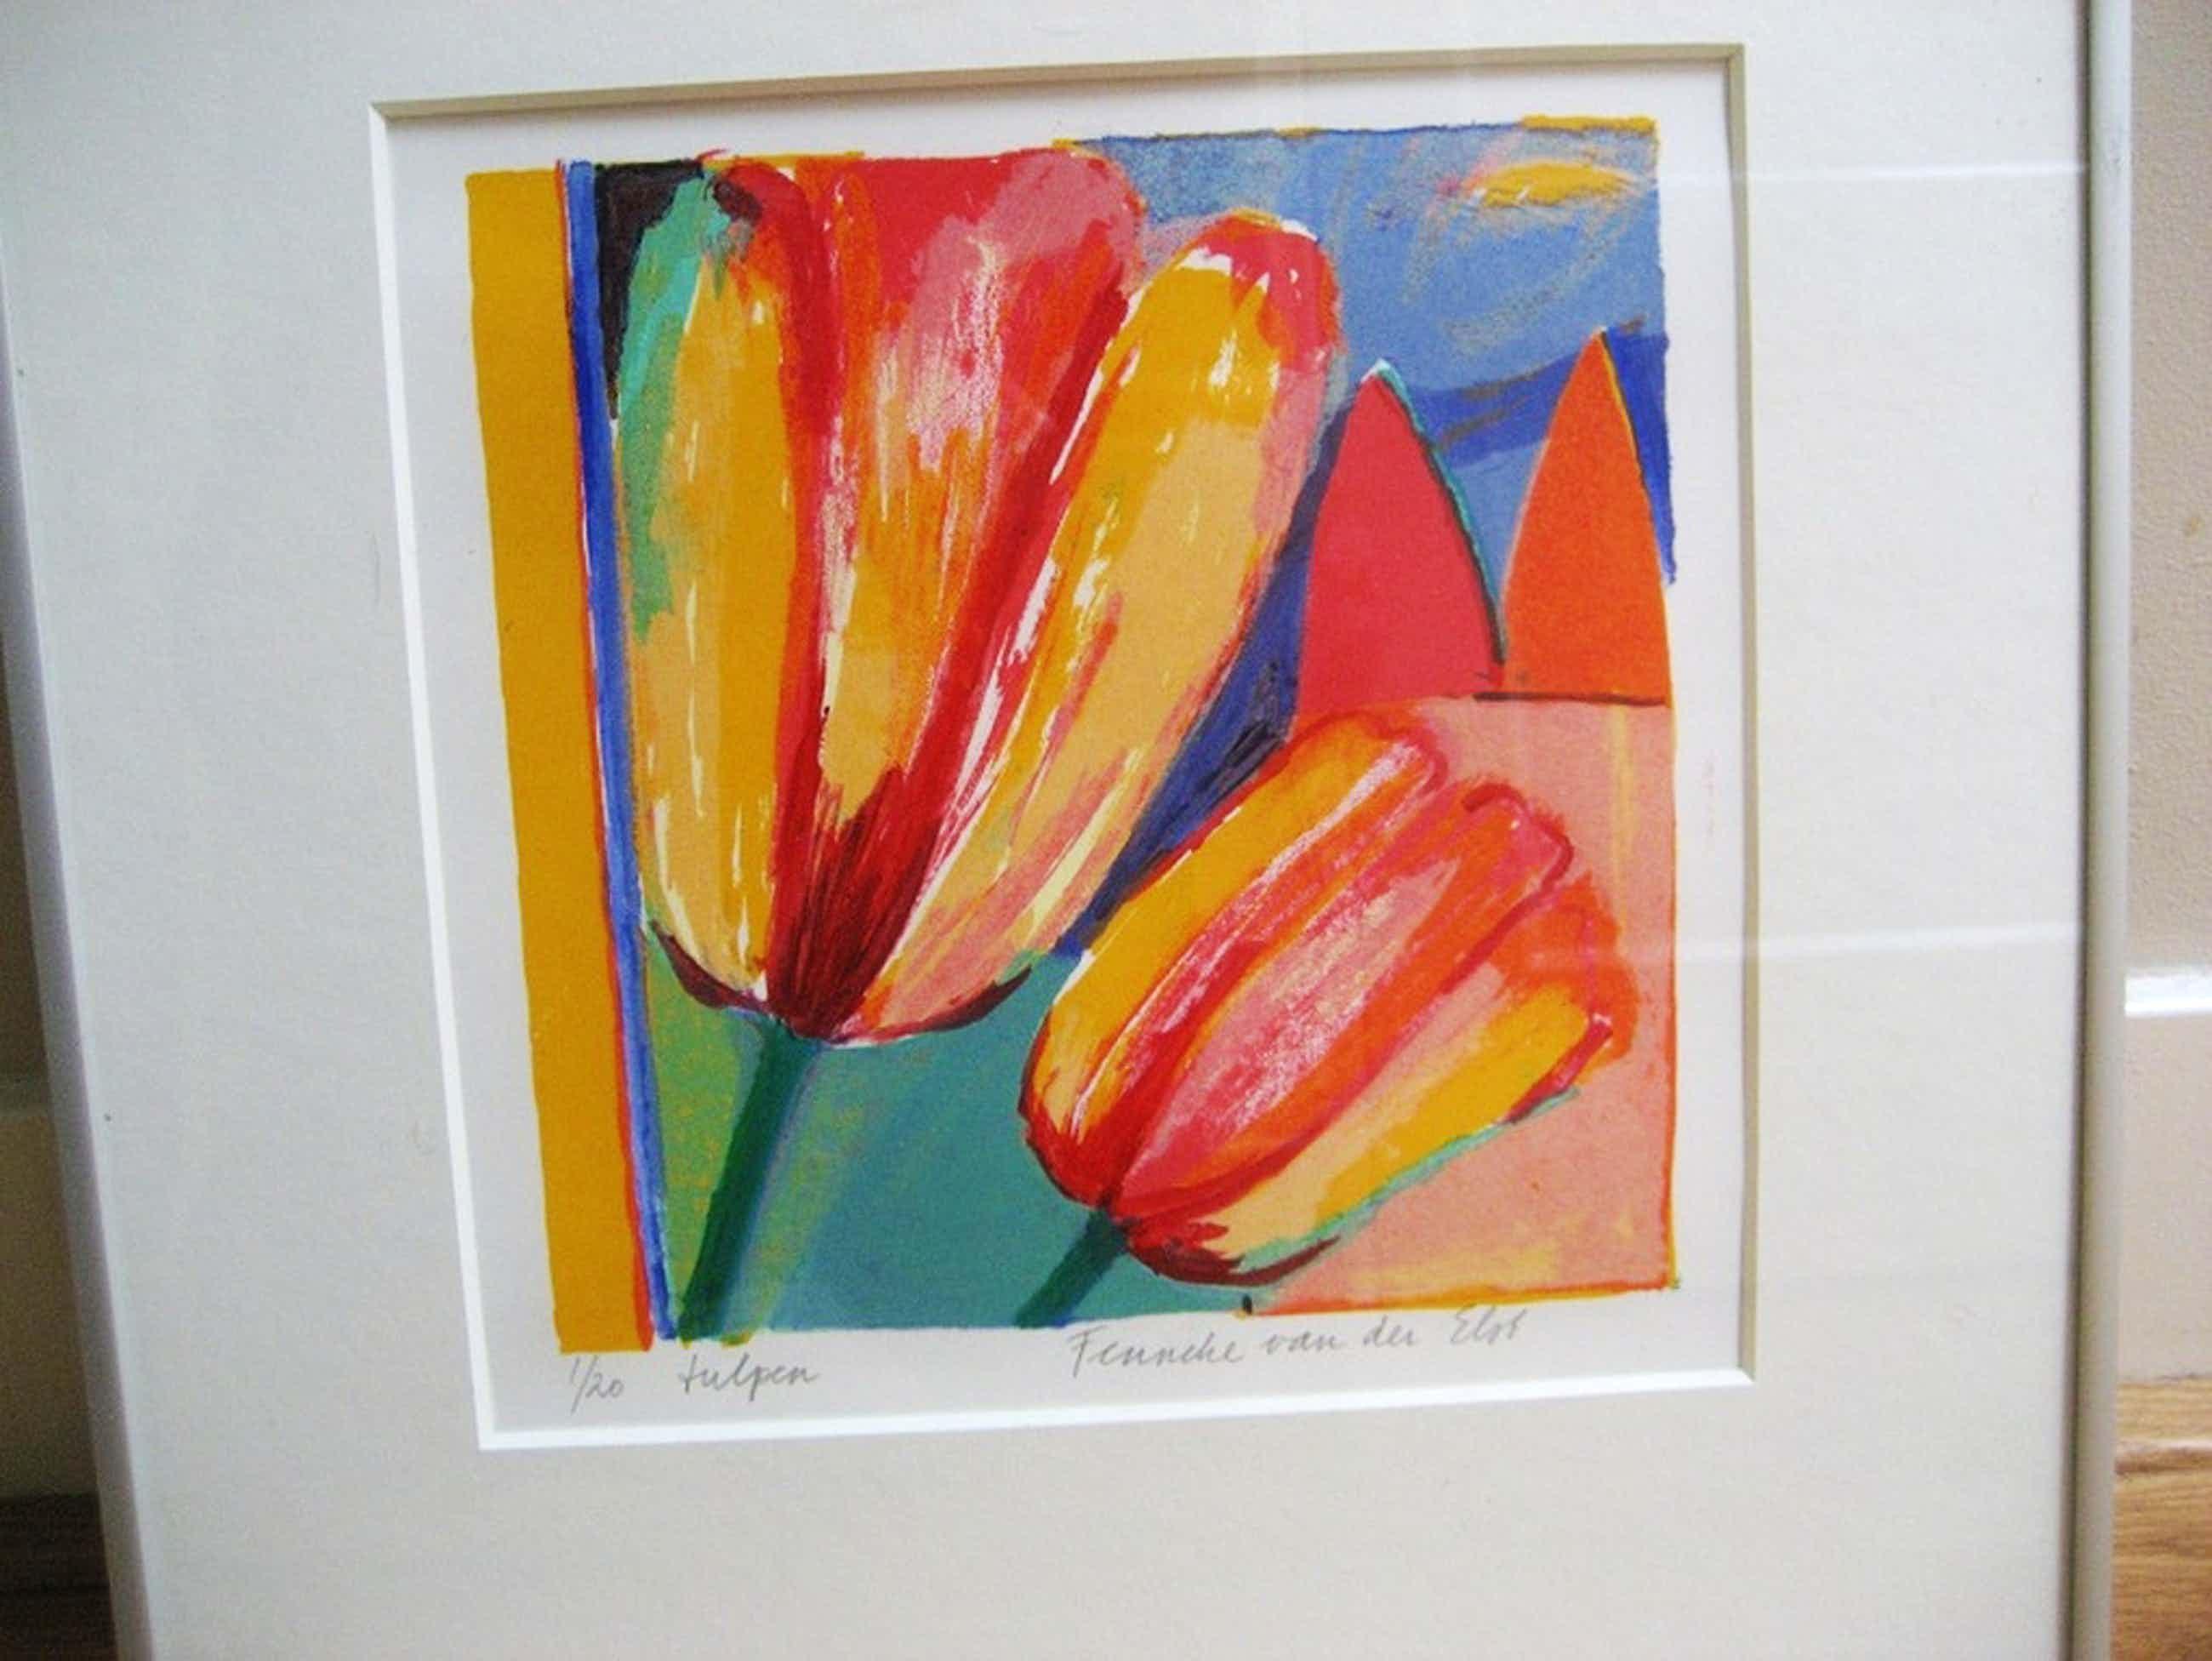 Fenneke van der Elst - ingelijste zeefdruk - 'Tulpen' kopen? Bied vanaf 40!